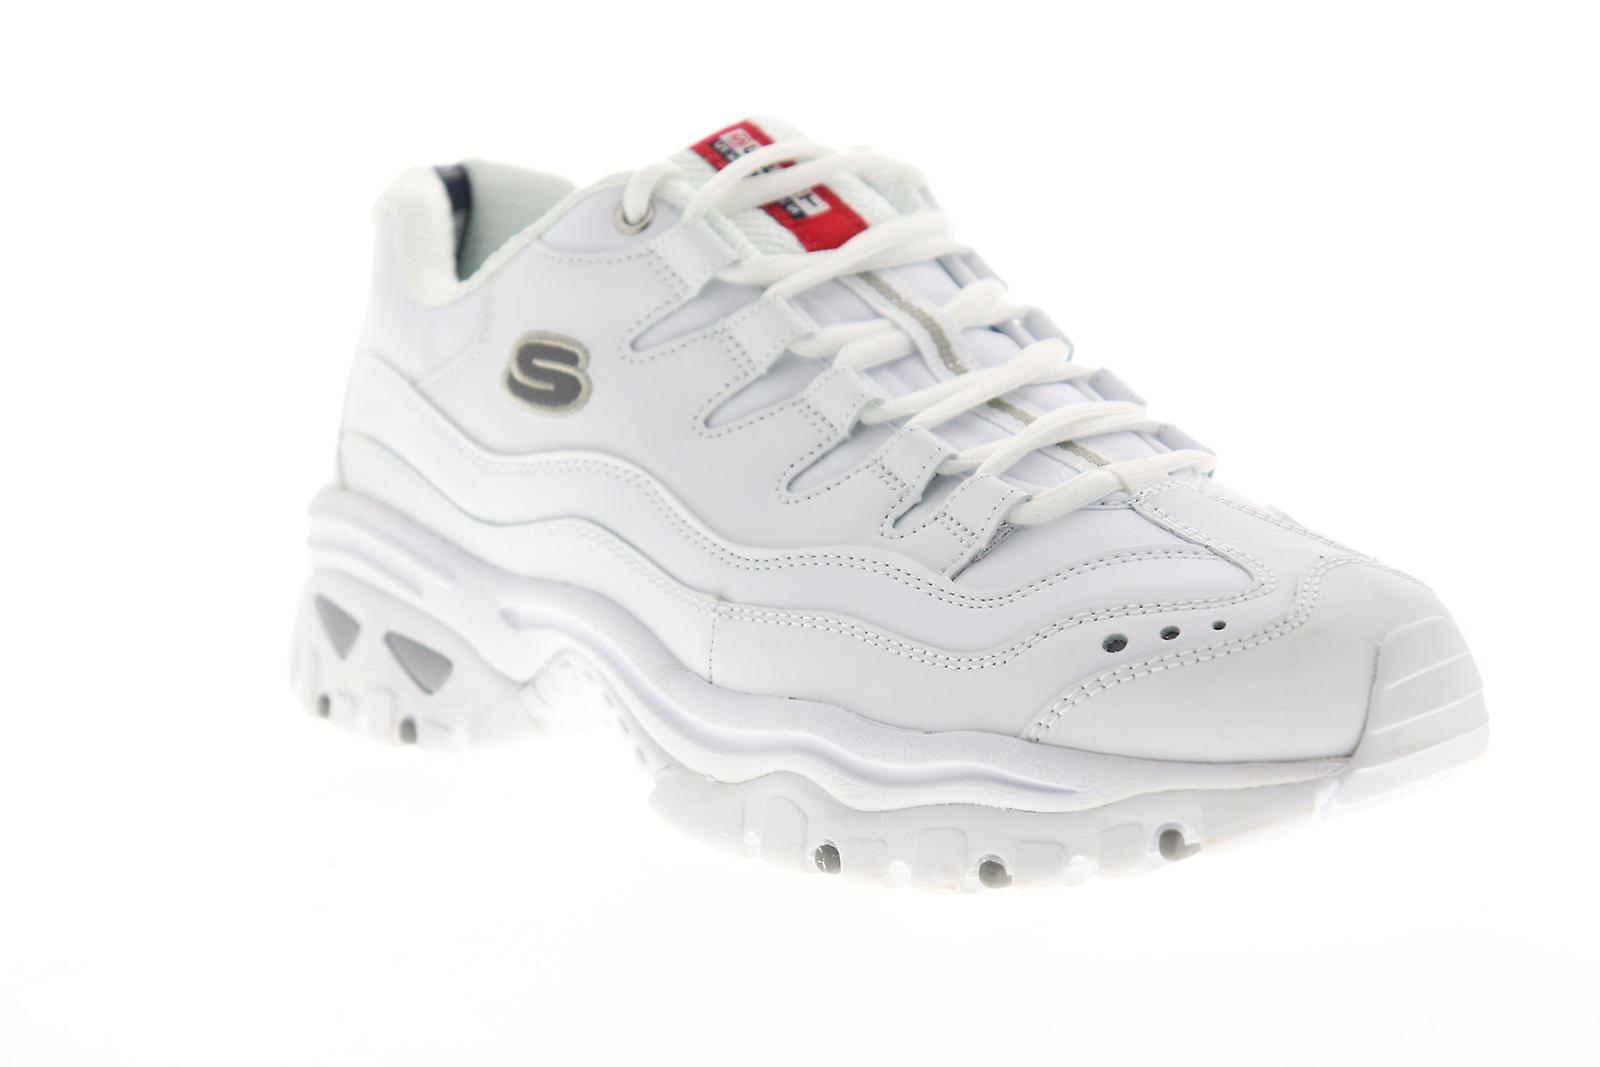 Skechers Energy Brunkz menns hvit skinn lav topp joggesko sko